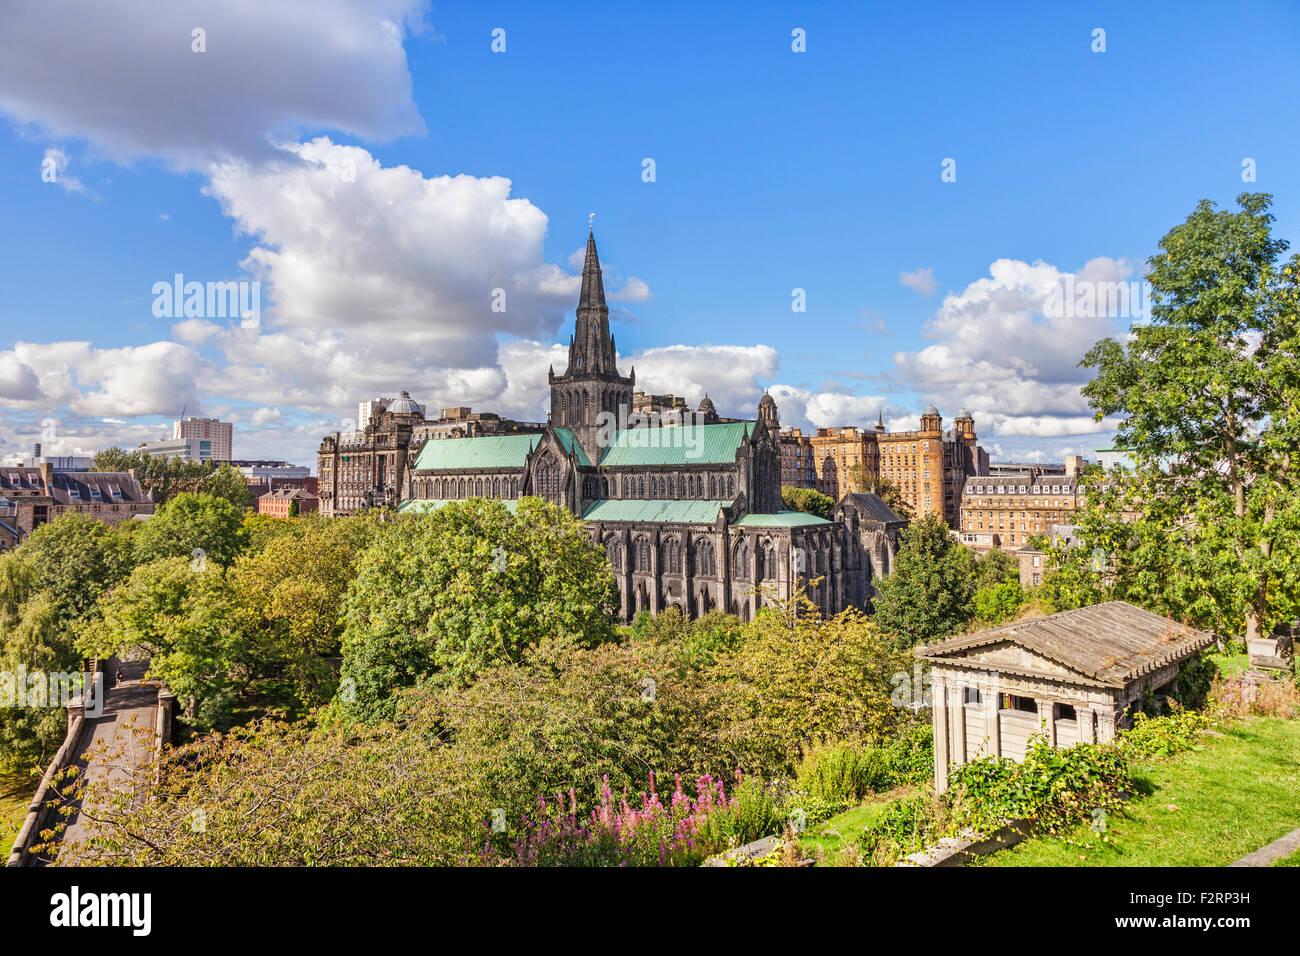 La cathédrale de Glasgow et derrière elle, Glasgow Royal Infirmary, Glasgow, Ecosse, Royaume-Uni. Banque D'Images